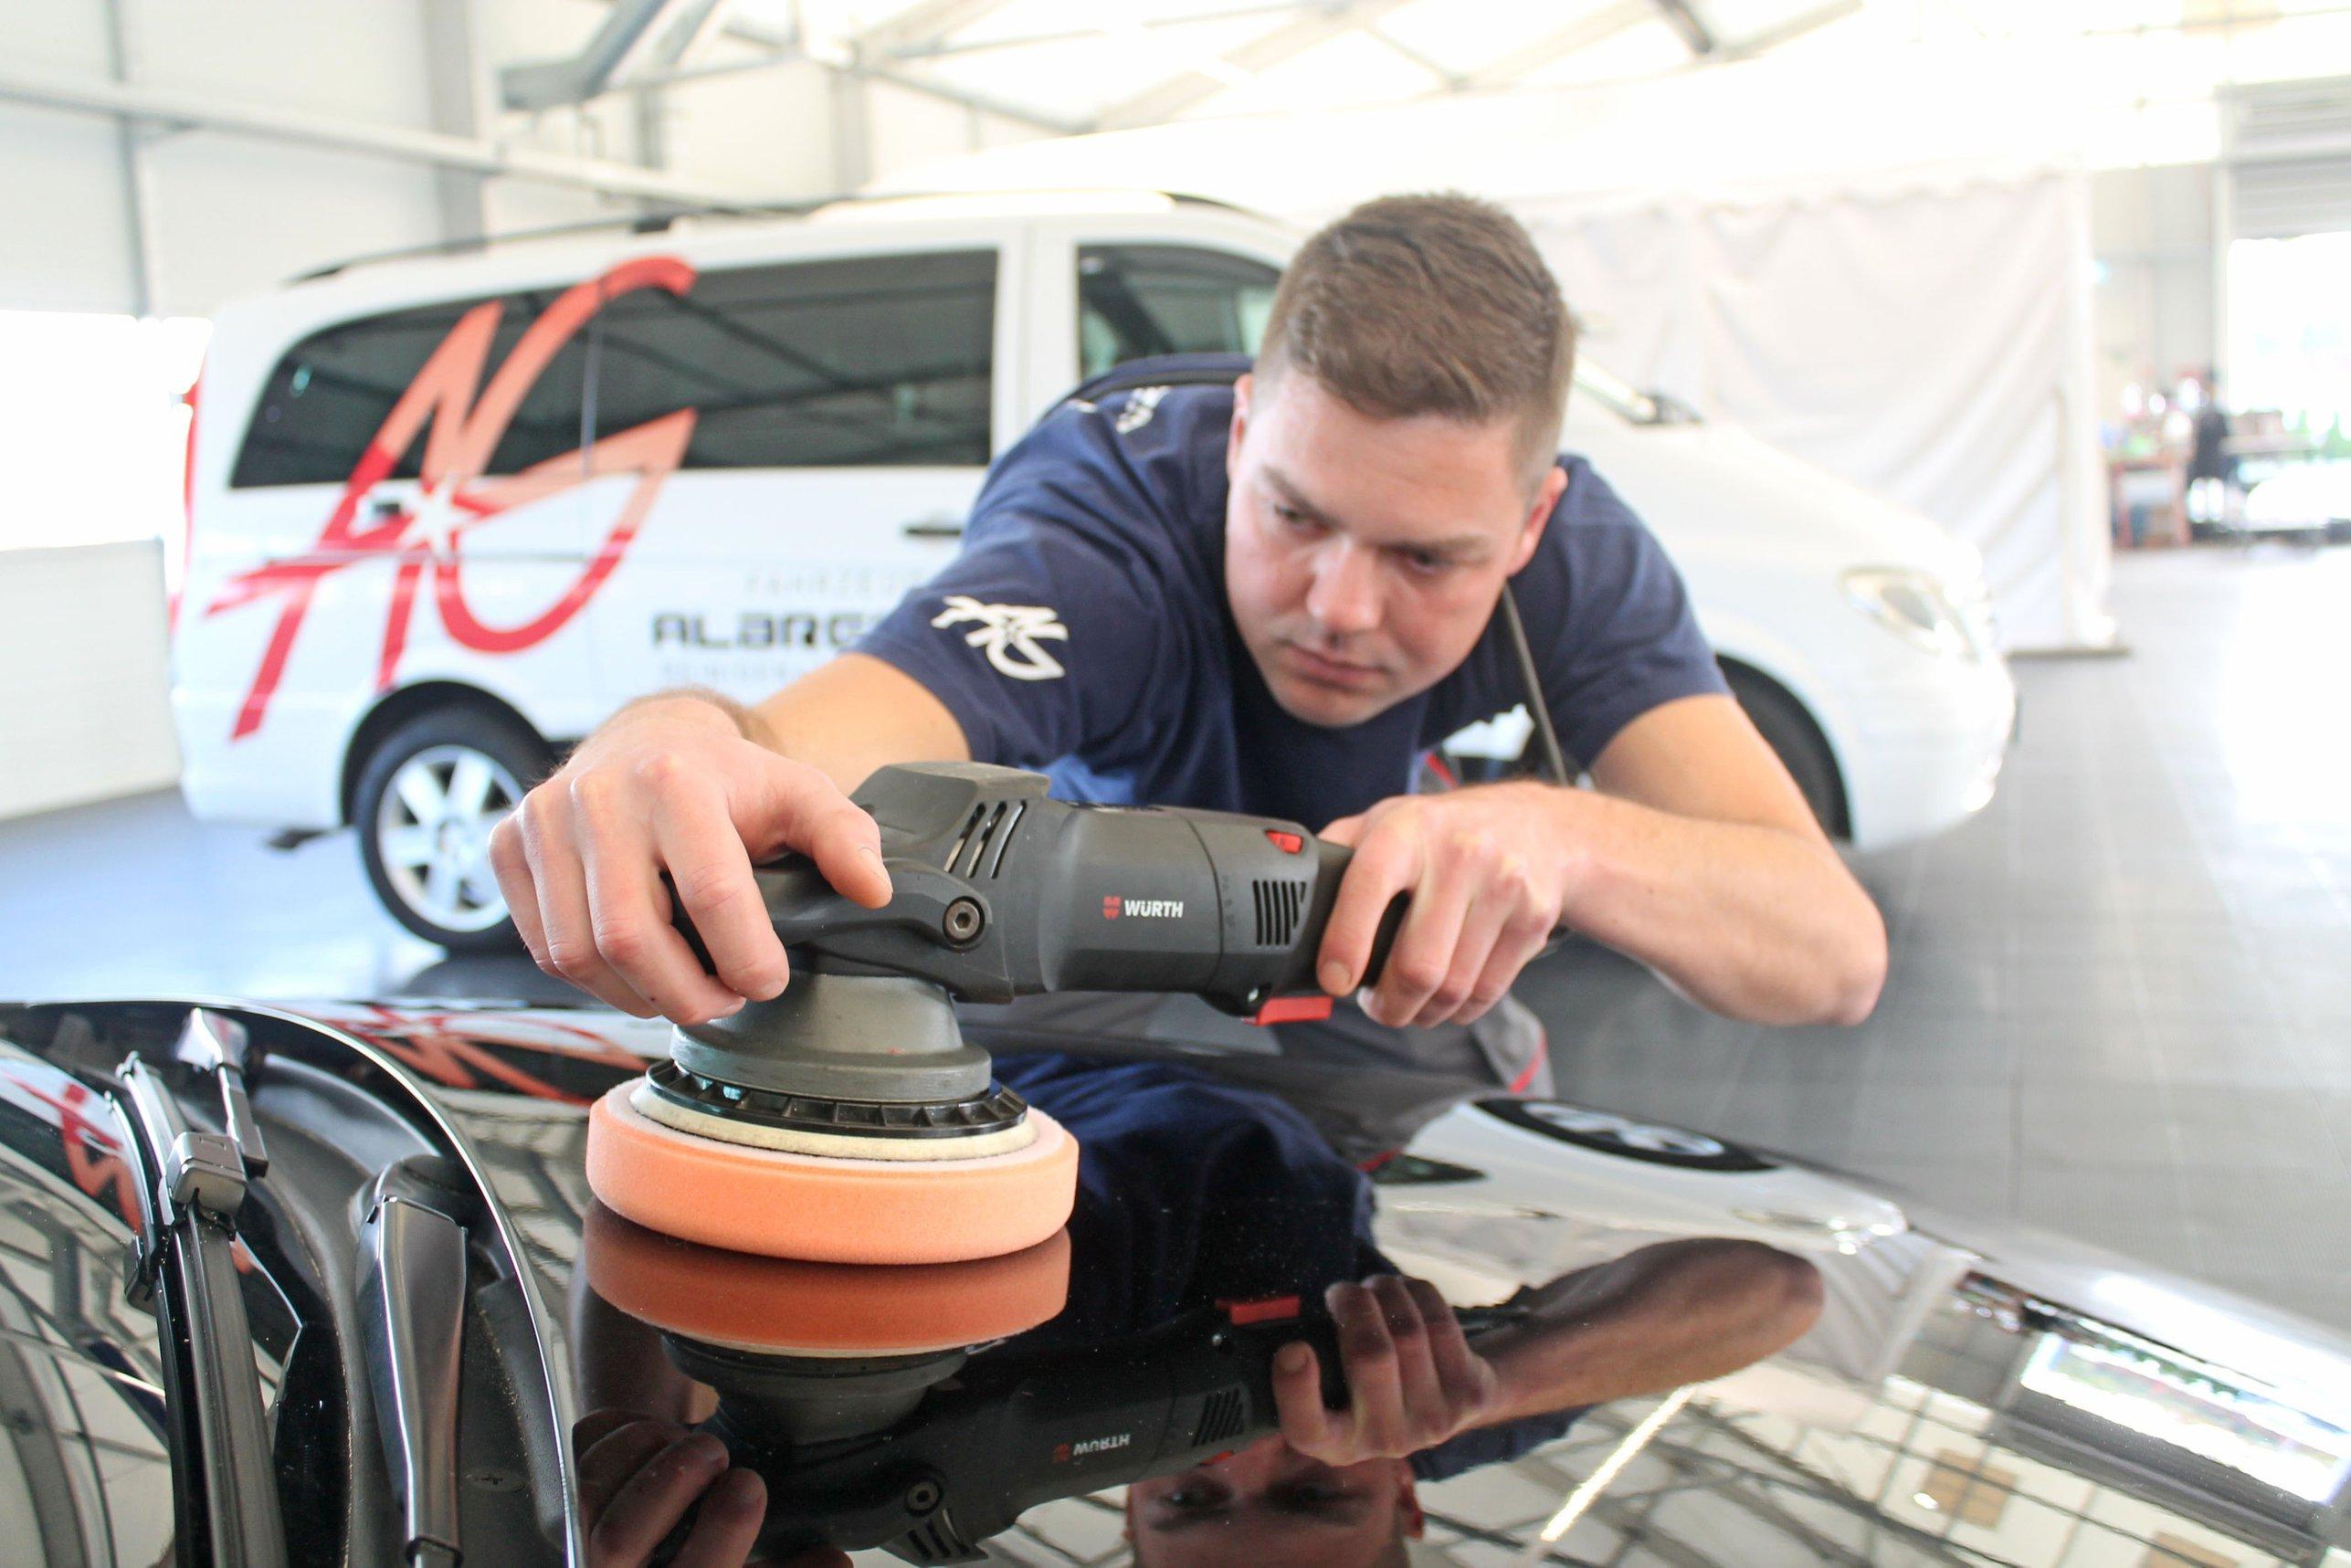 Eine professionellen Pflege kann dafür sorgen, dass ein Auto weniger an Wert verliert und drohende Schäden rechtzeitig erkannt und beseitigt werden. FOTO: DJD/BUNDESVERBAND FAHRZEUGAUFBEREITUNG